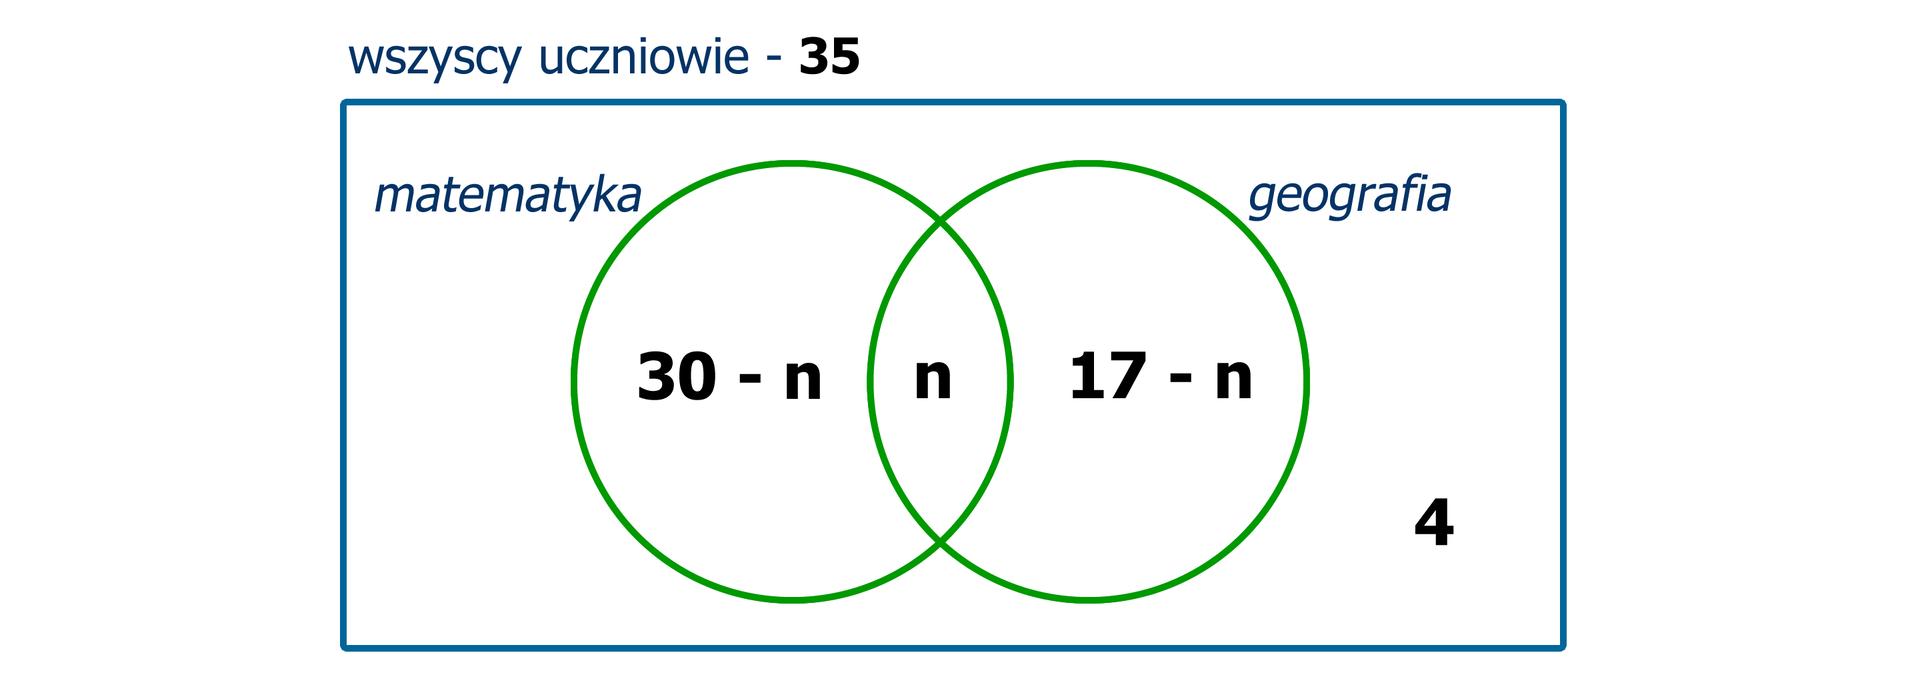 Rysunek okręgów ilustrujących zbiory uczniów, którzy biorą udział wzajęciach zgeografii imatematyki. Zbiór matematyka zawiera elementy: 30 minus n, n. Zbiór geografia zawiera elementy: 17 minus n, n. Część wspólna zbiorów - element n. Poza zbiorami element 4. Zapis: wszyscy uczniowie – 35. Schemat jest rozwiązaniem zadania.